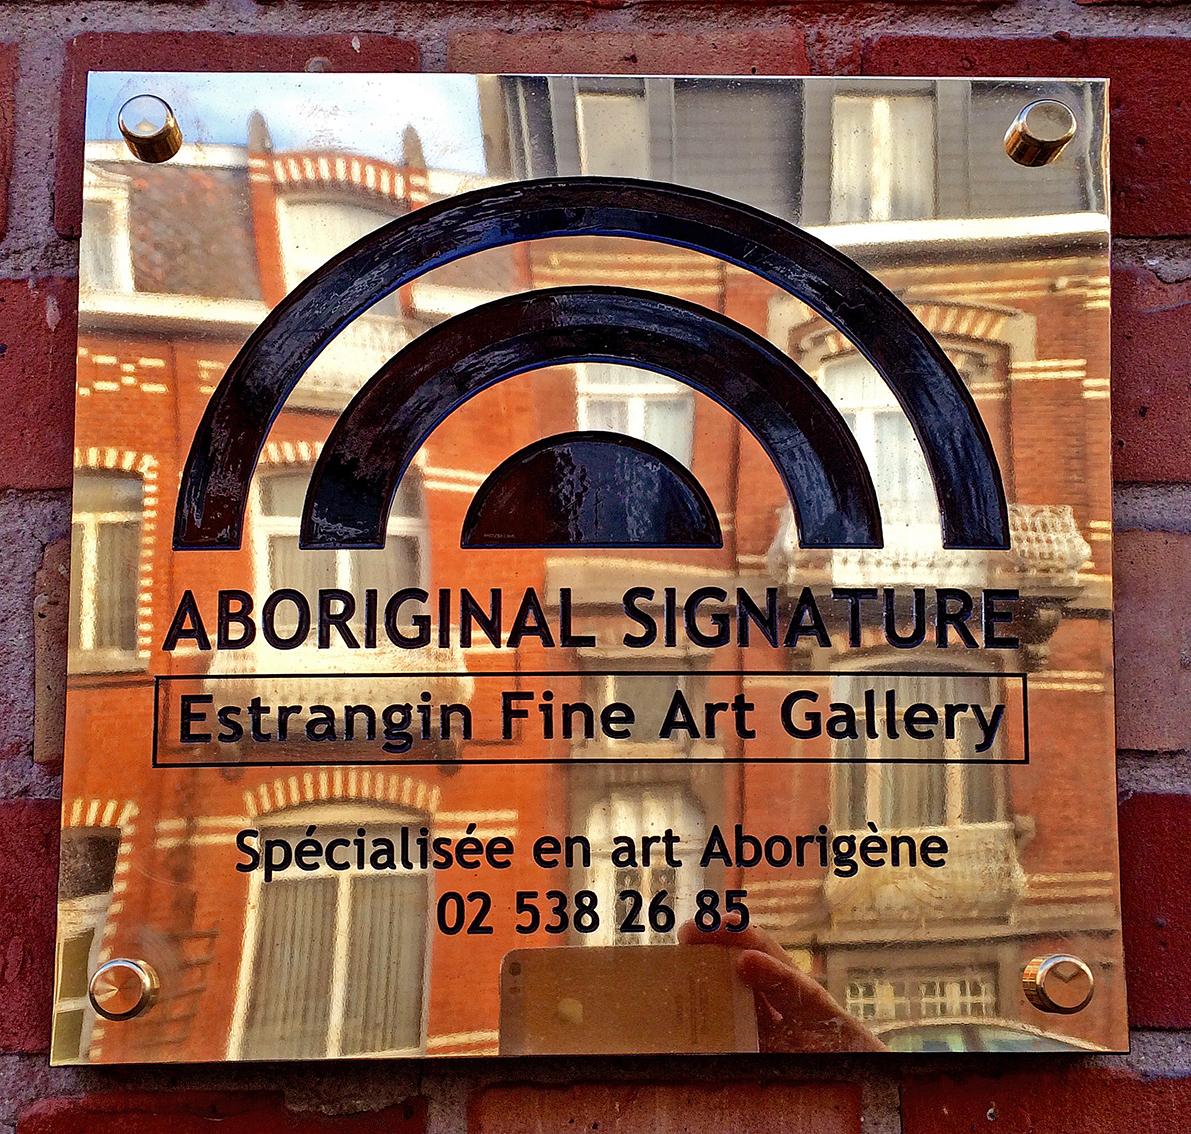 Plaque-galerie-aboriginal-signature